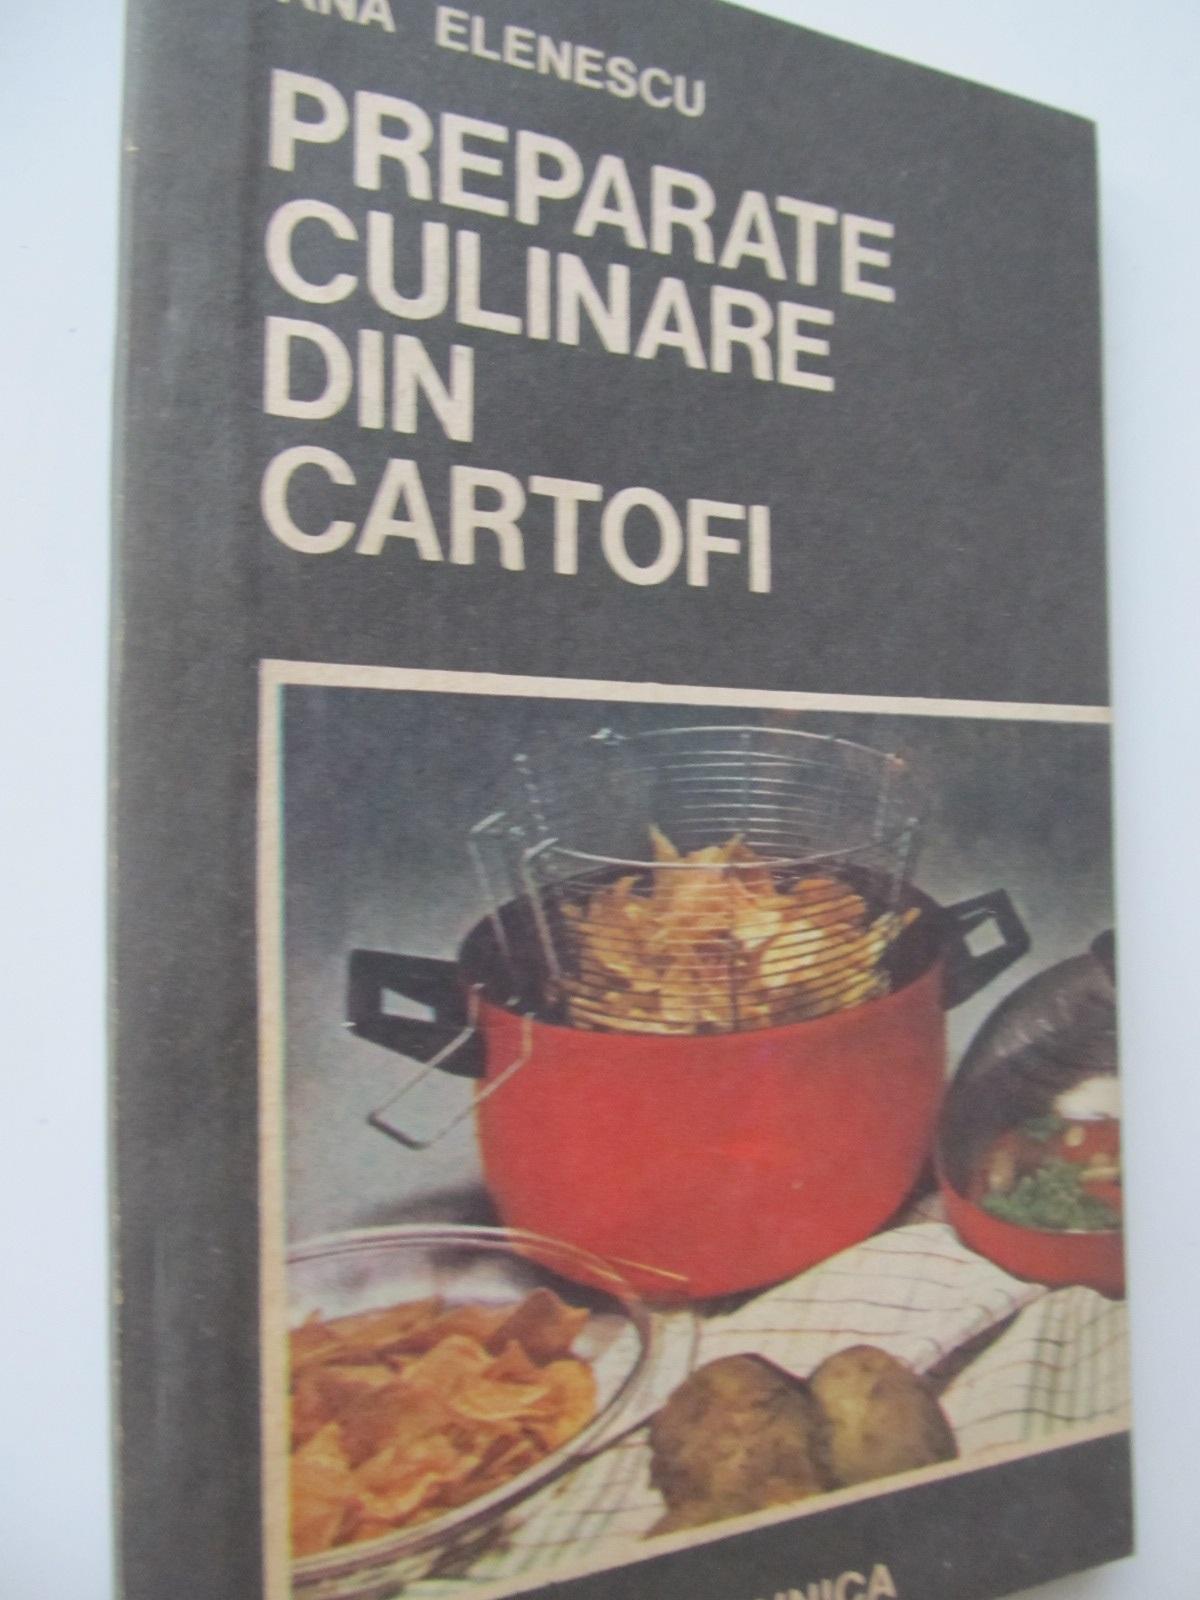 Preparate culinare din cartofi - Ana Elenescu | Detalii carte